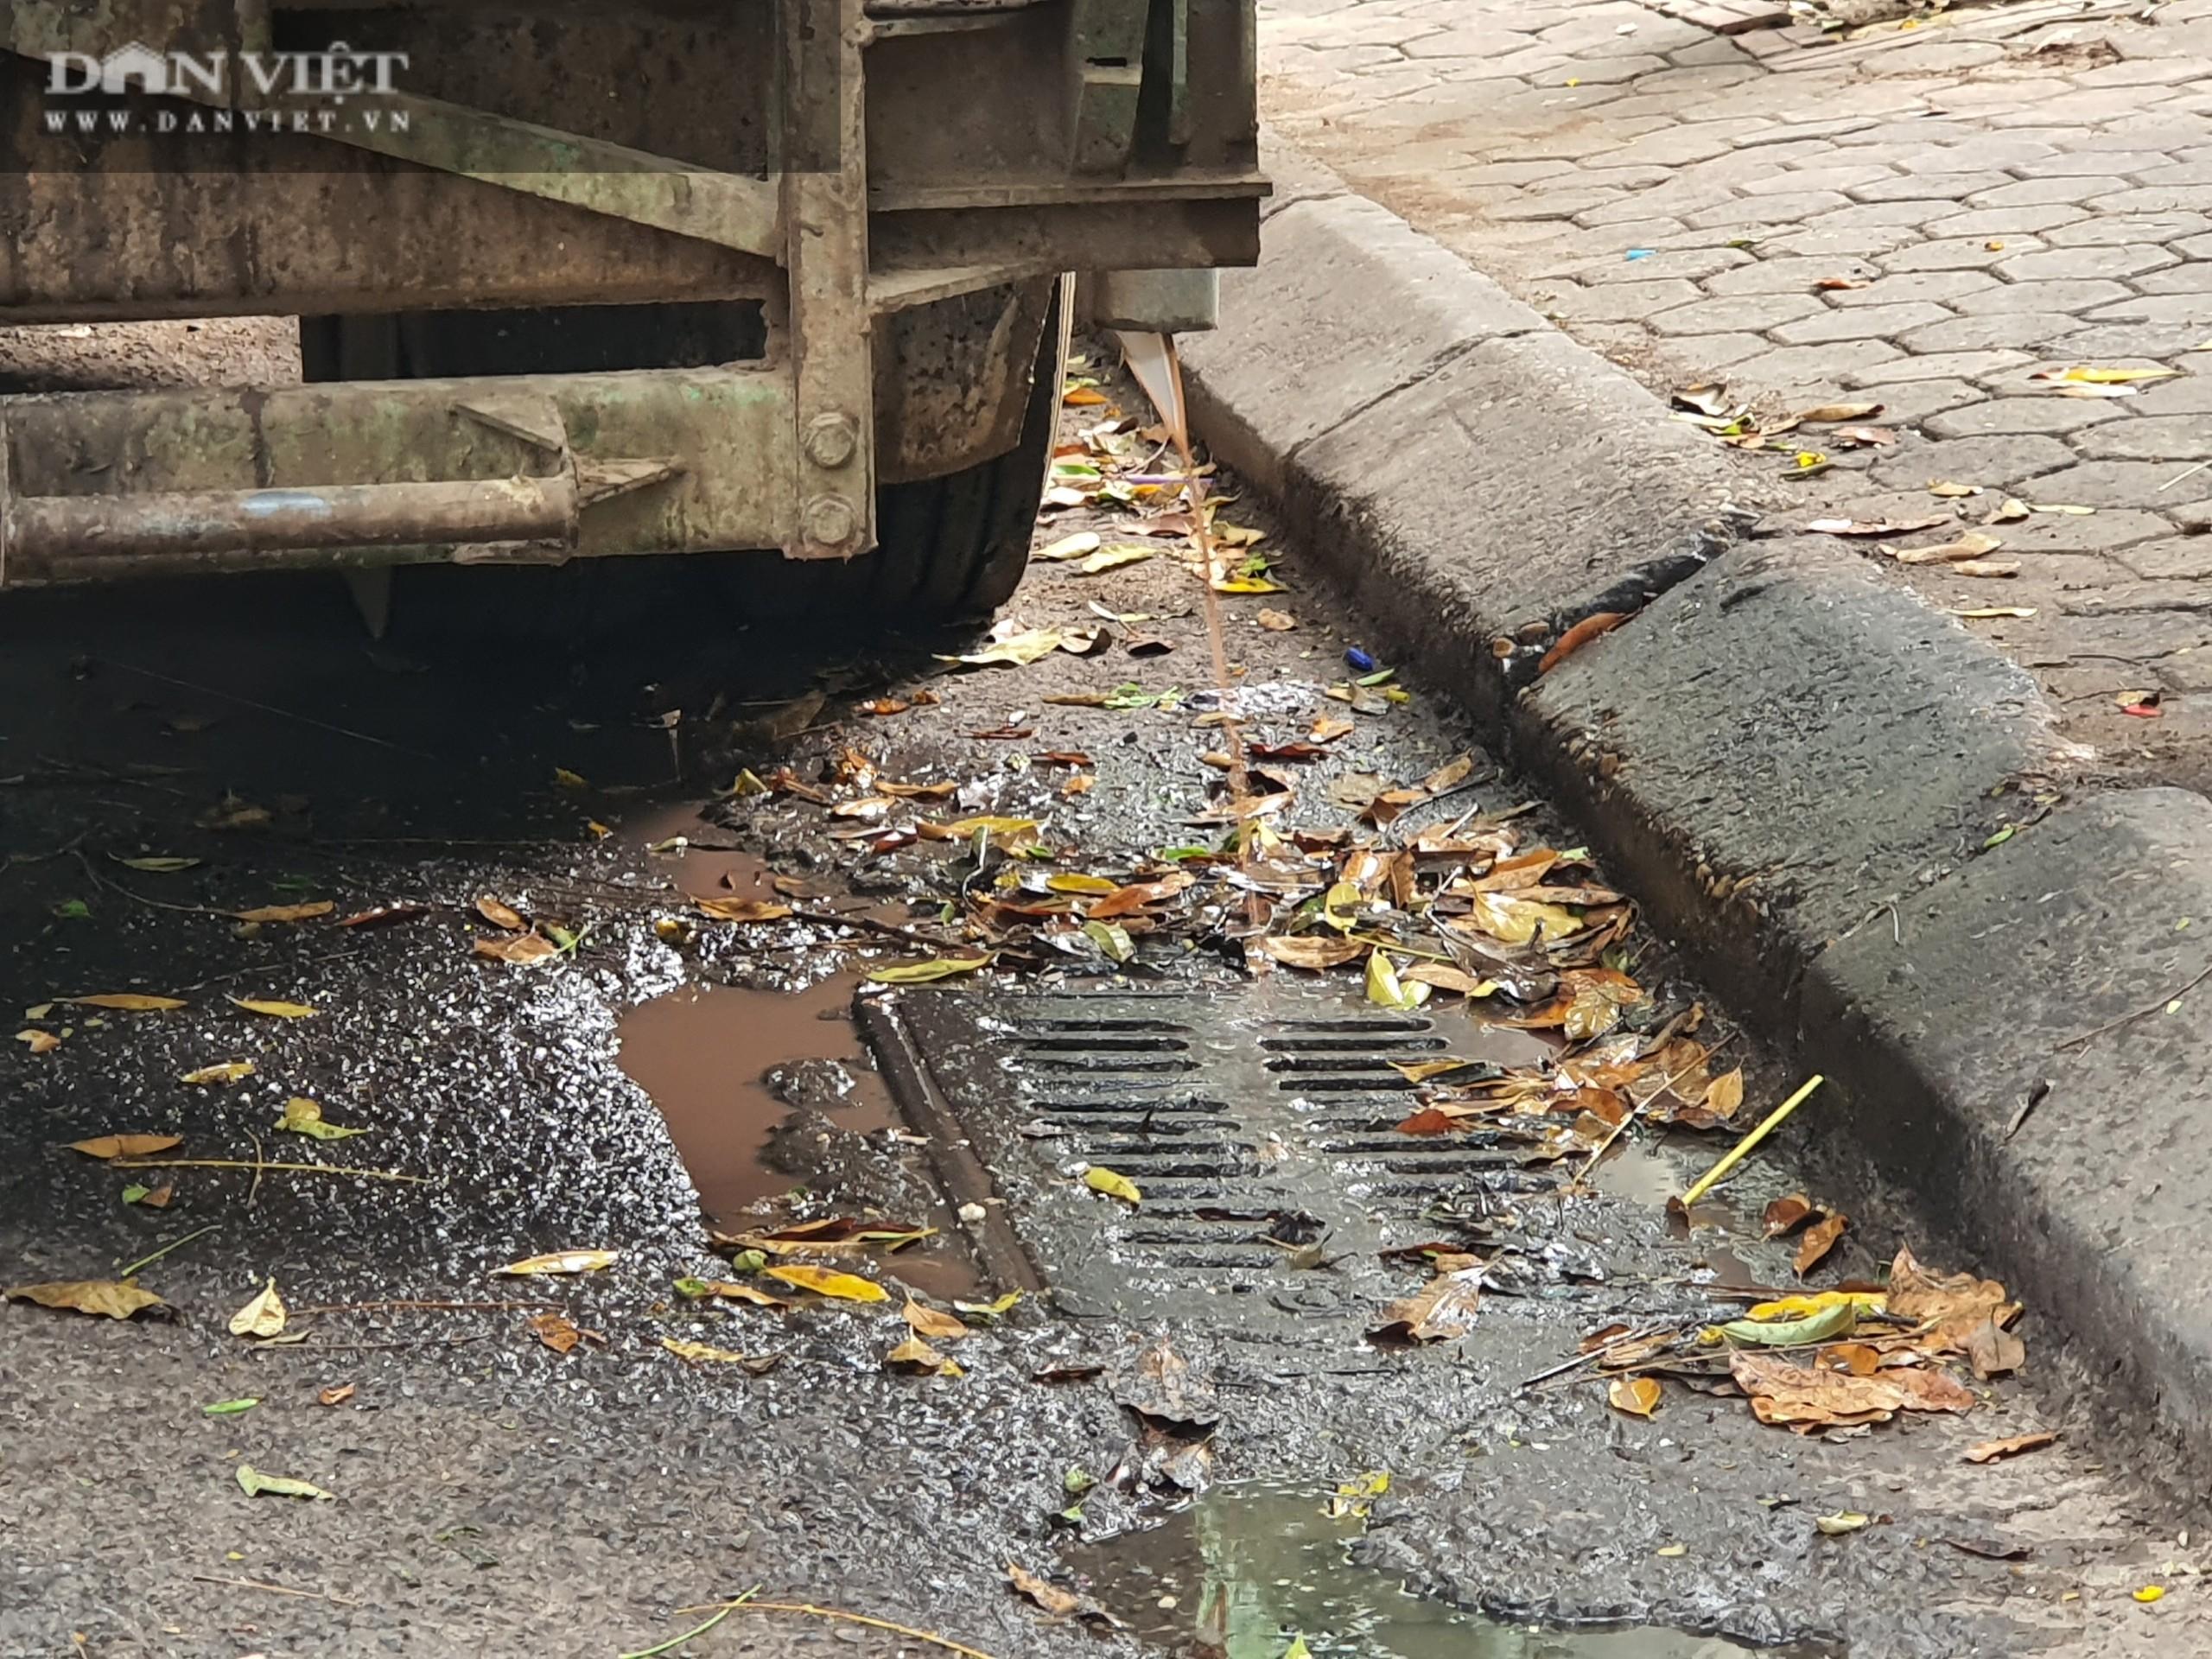 Bài 2: Tràn lan hình ảnh gây ô nhiễm của các công ty bảo vệ môi trường giữa thủ đô - Ảnh 11.